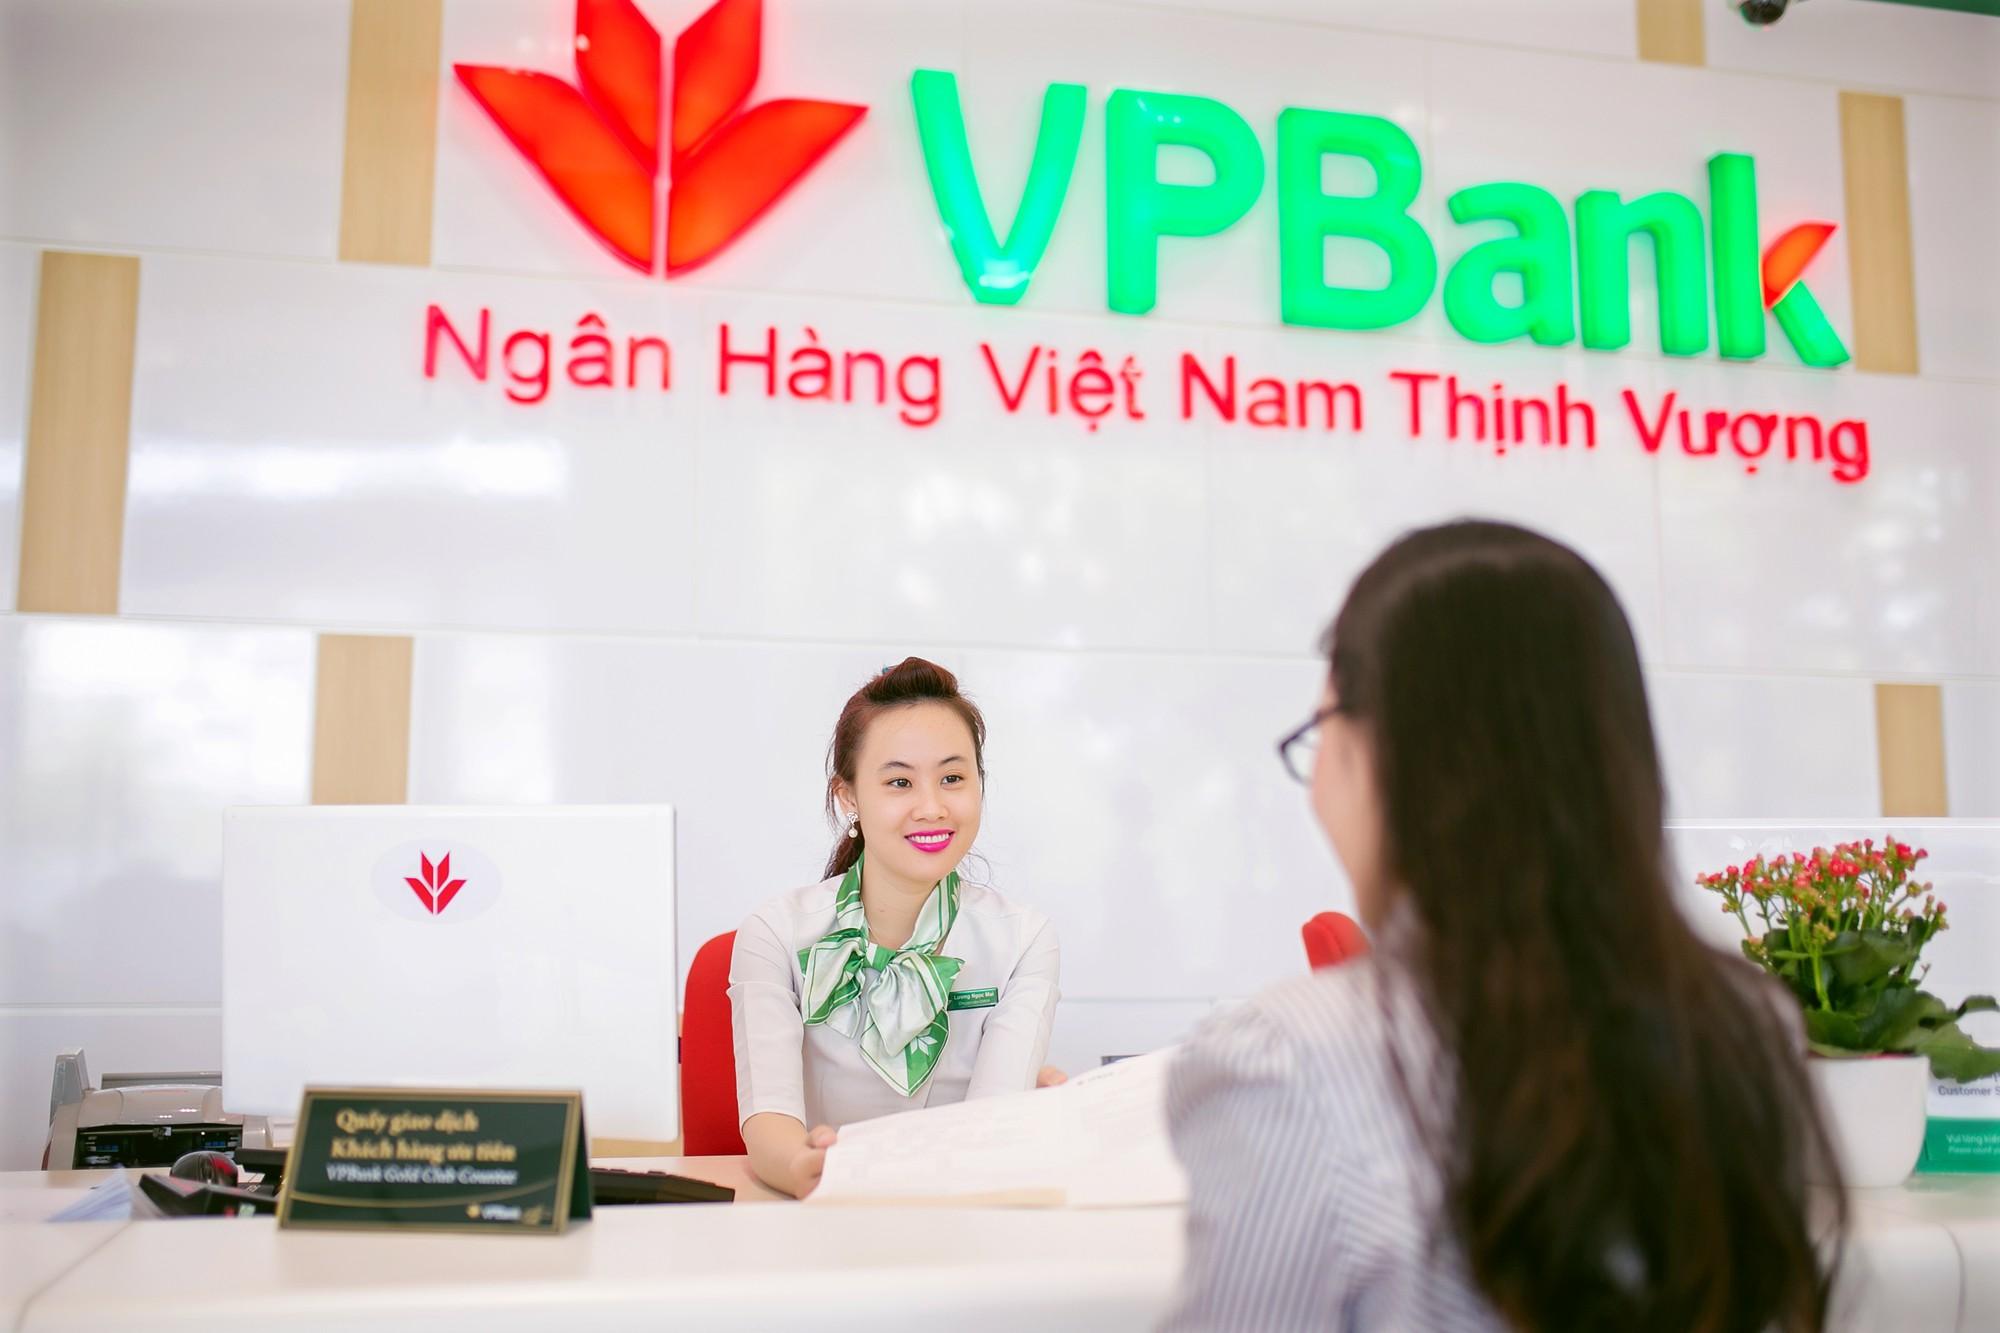 HoSE đã nhận được hồ sơ phát hành trái phiếu quốc tế của VPBank - Ảnh 1.